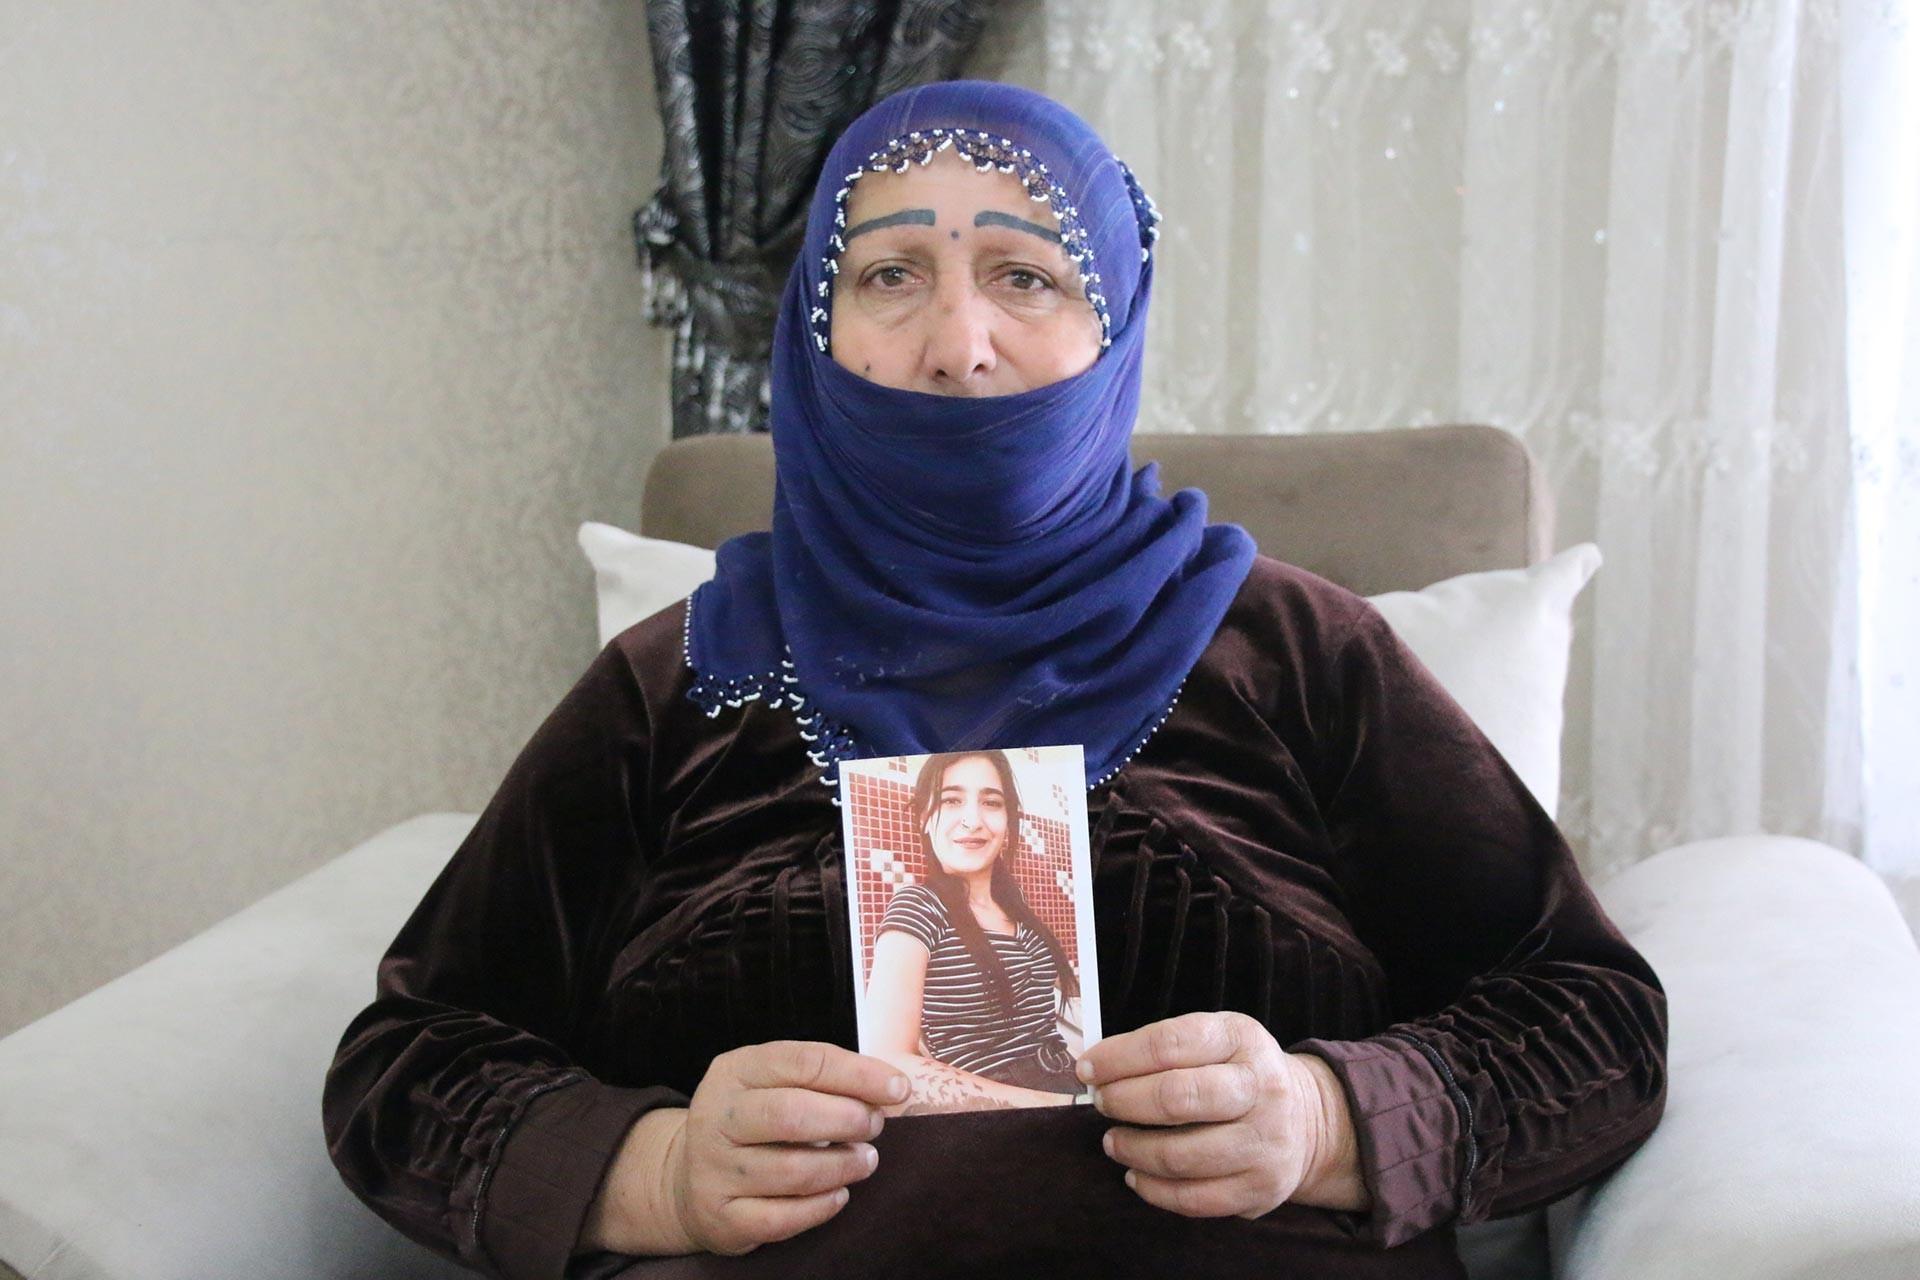 Şefika Yasa'nın annesi Naile Yasa, kızının fotoğrafını gösteriyor.